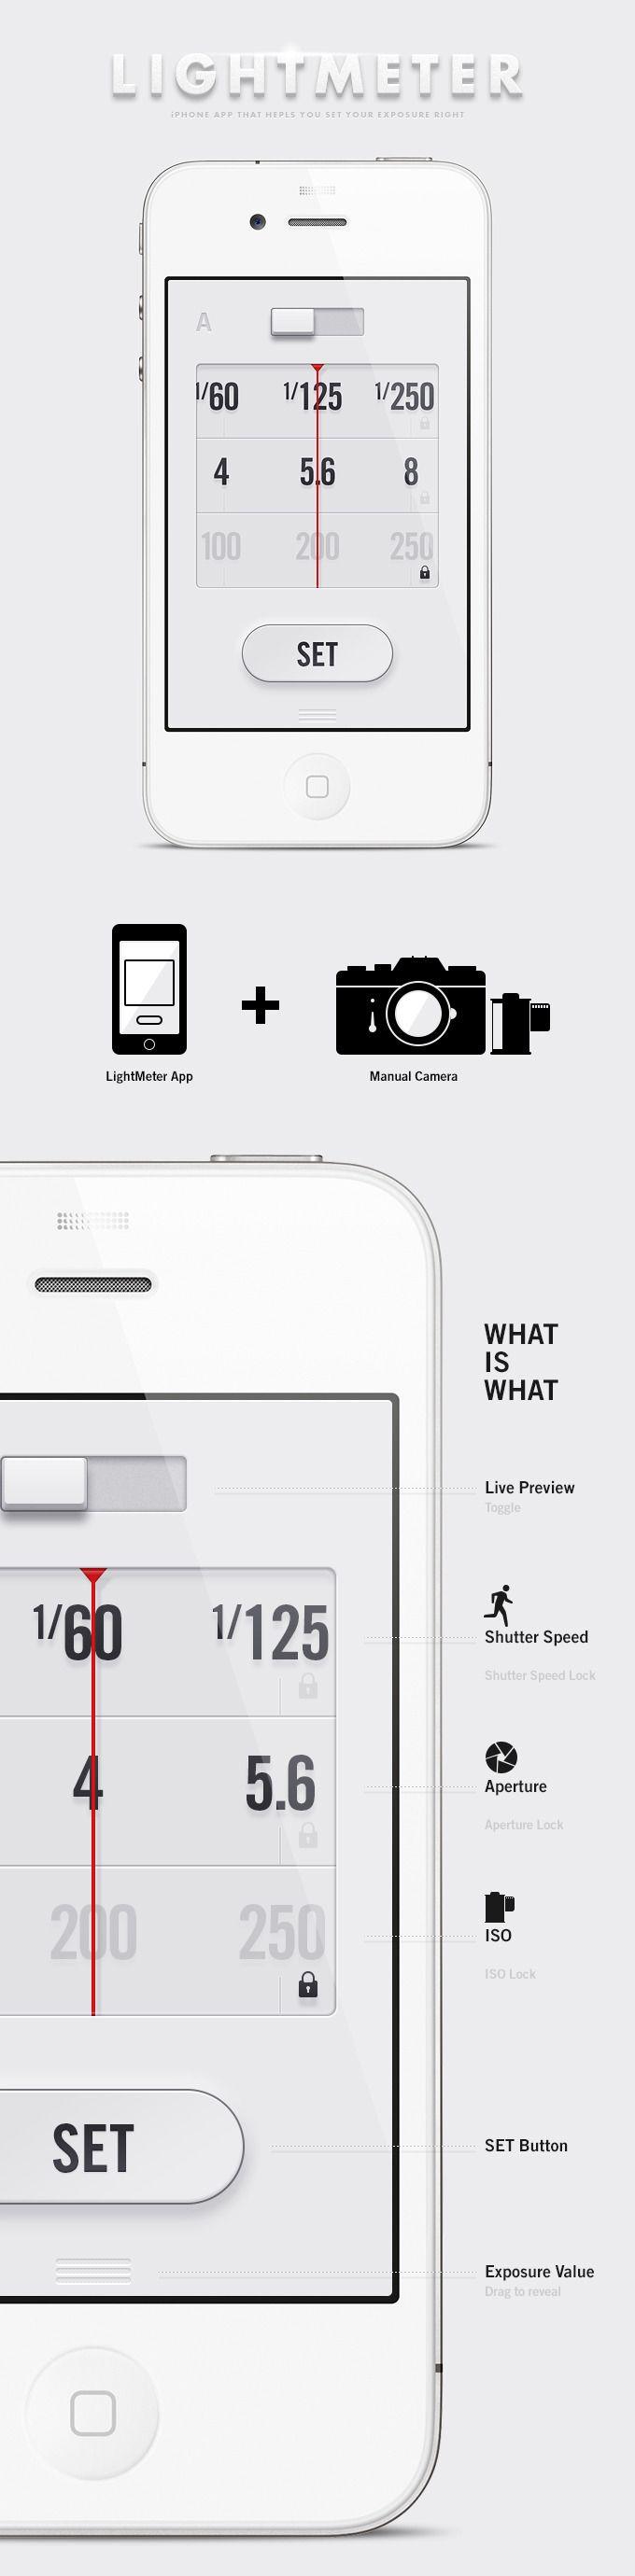 LightMeter App - Anton Repponen #lightmeter #iphone